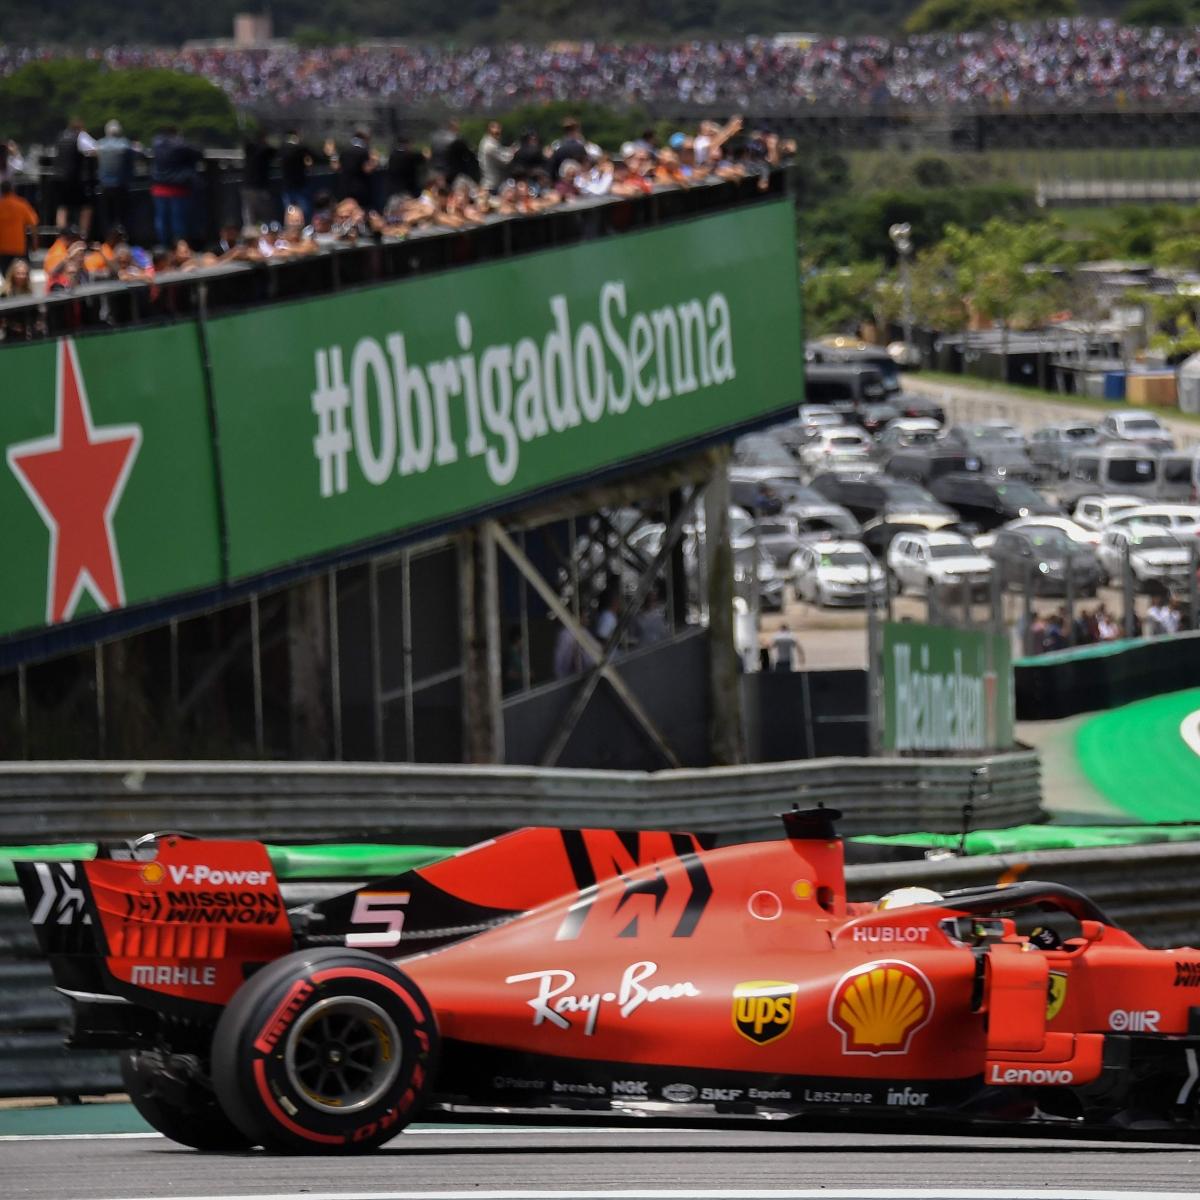 Relaxed Hamilton on top, Sebastian Vettel 100th race for team